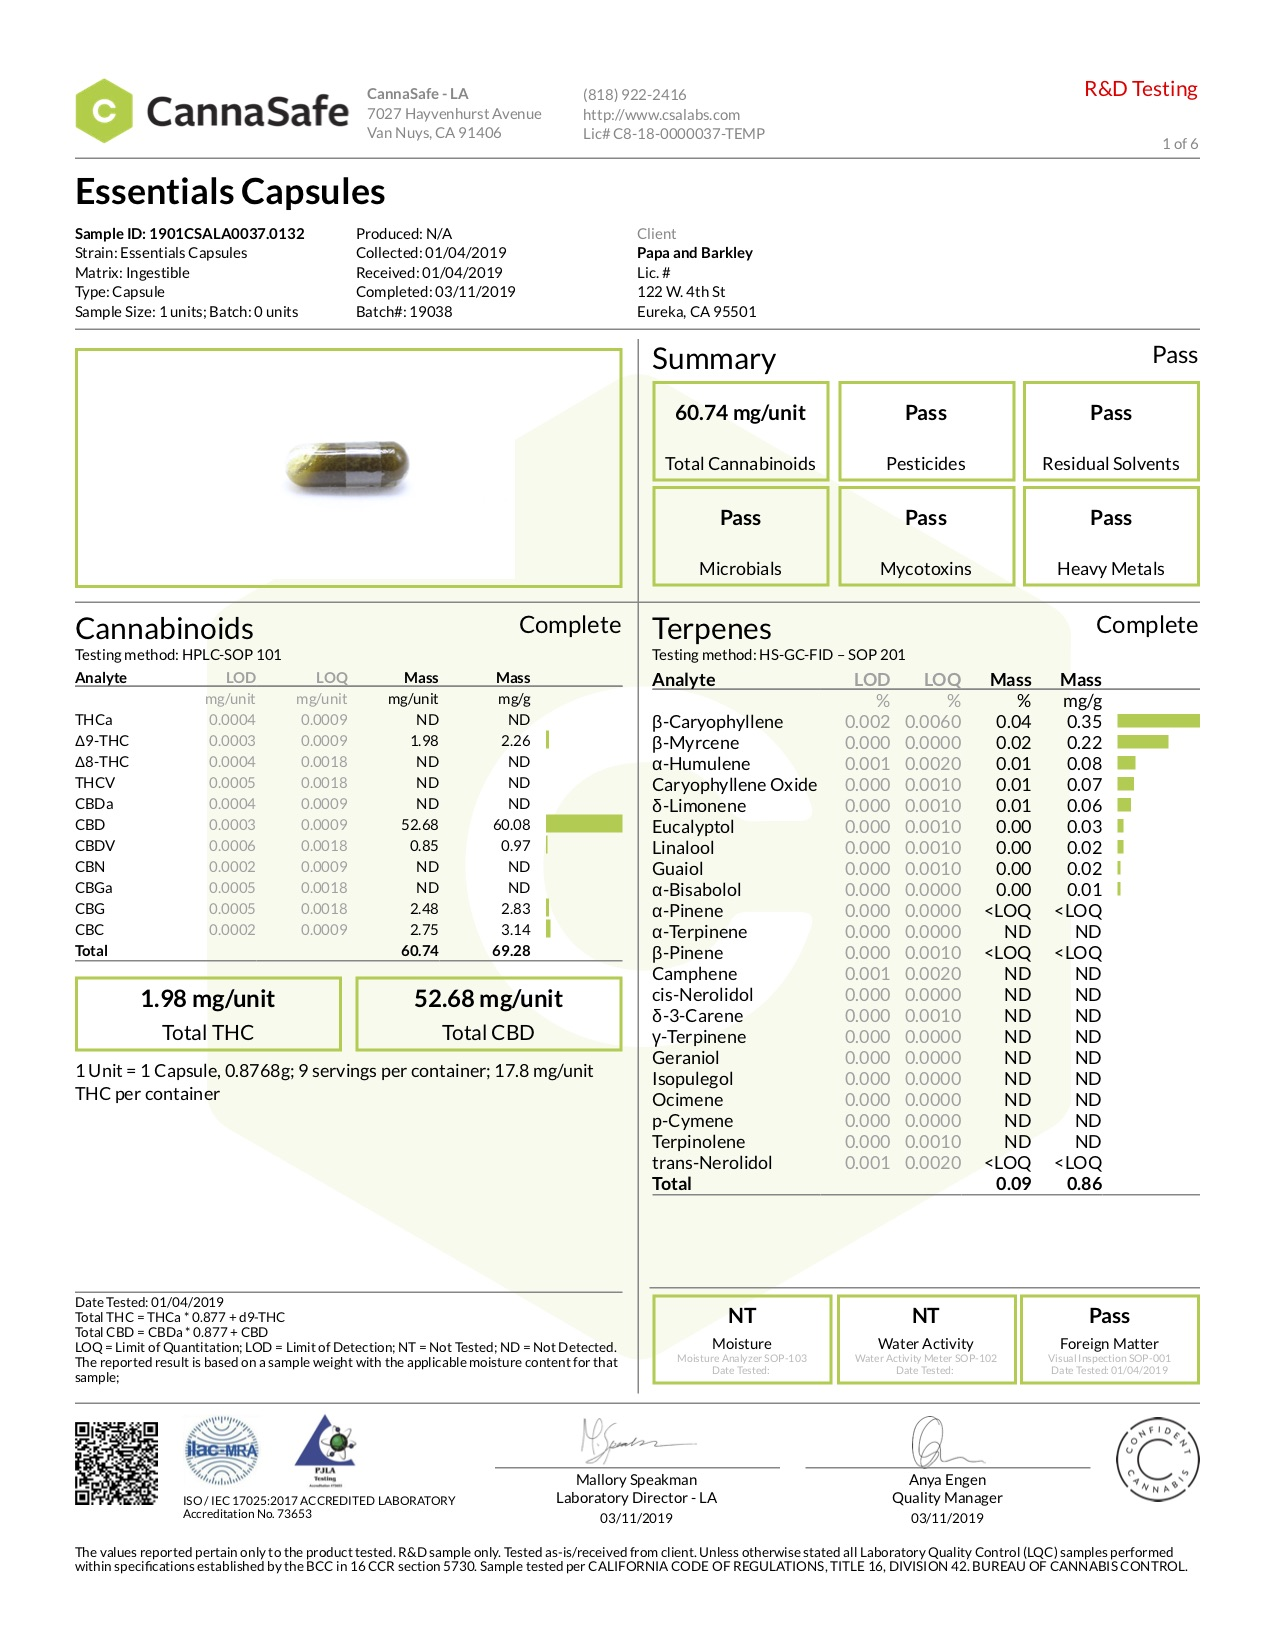 Essentials Capsules COA